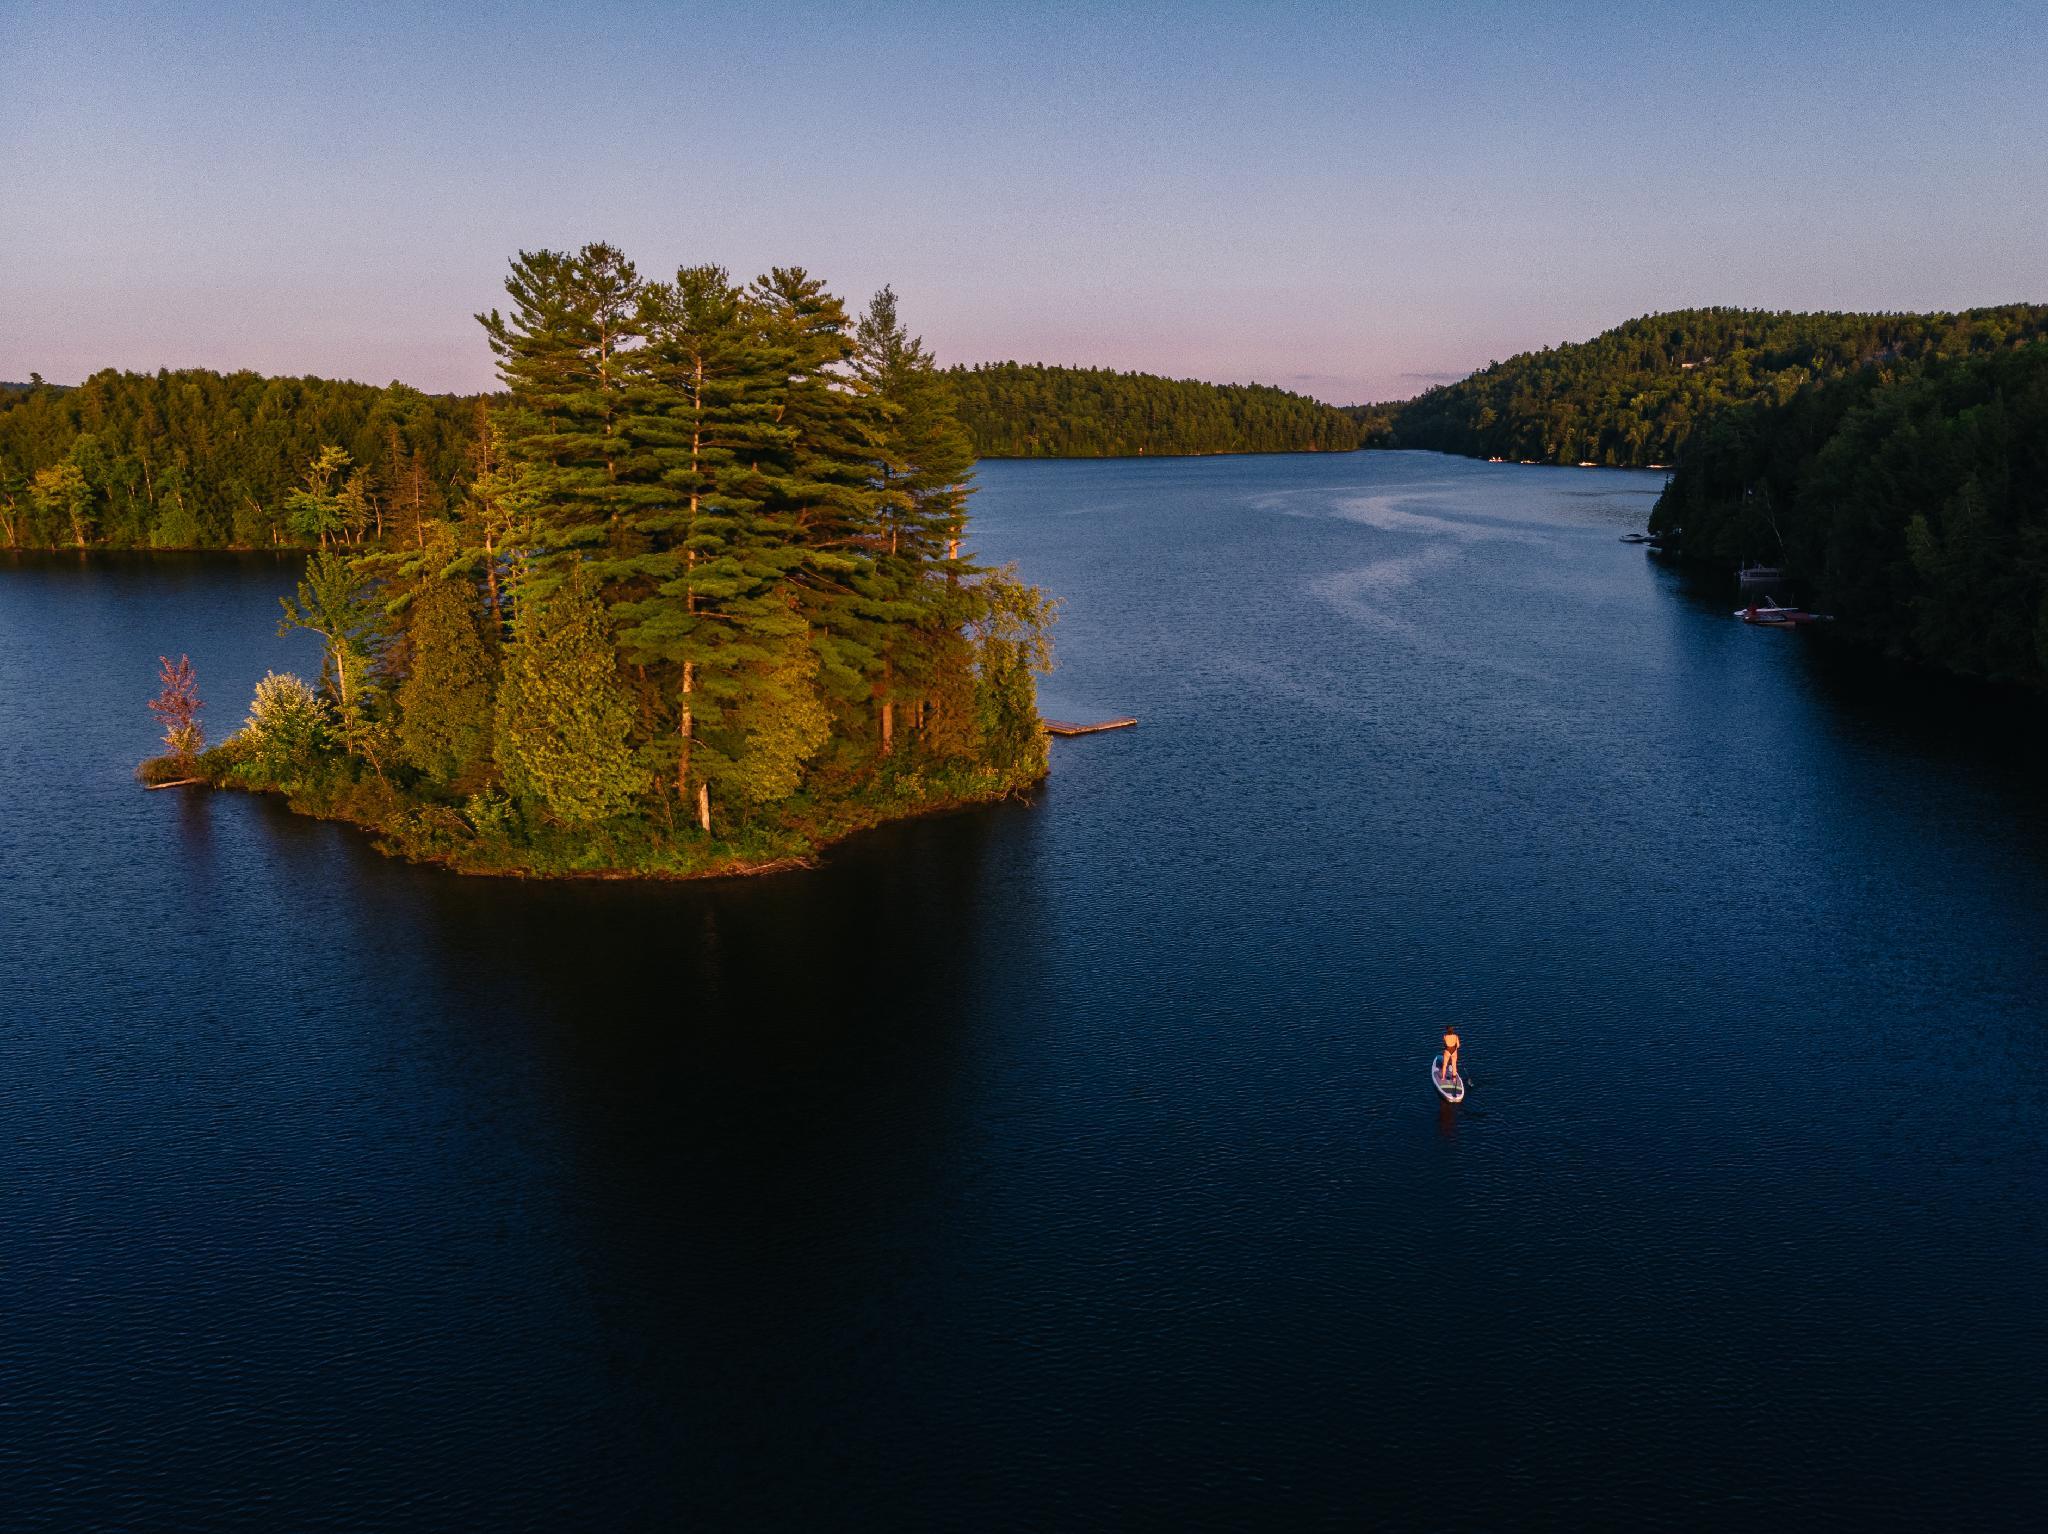 Planche à pagaie sur le lac McGregor (6 planches fournies gratuitement avec vestes de sauvetage). Équipement partagé.